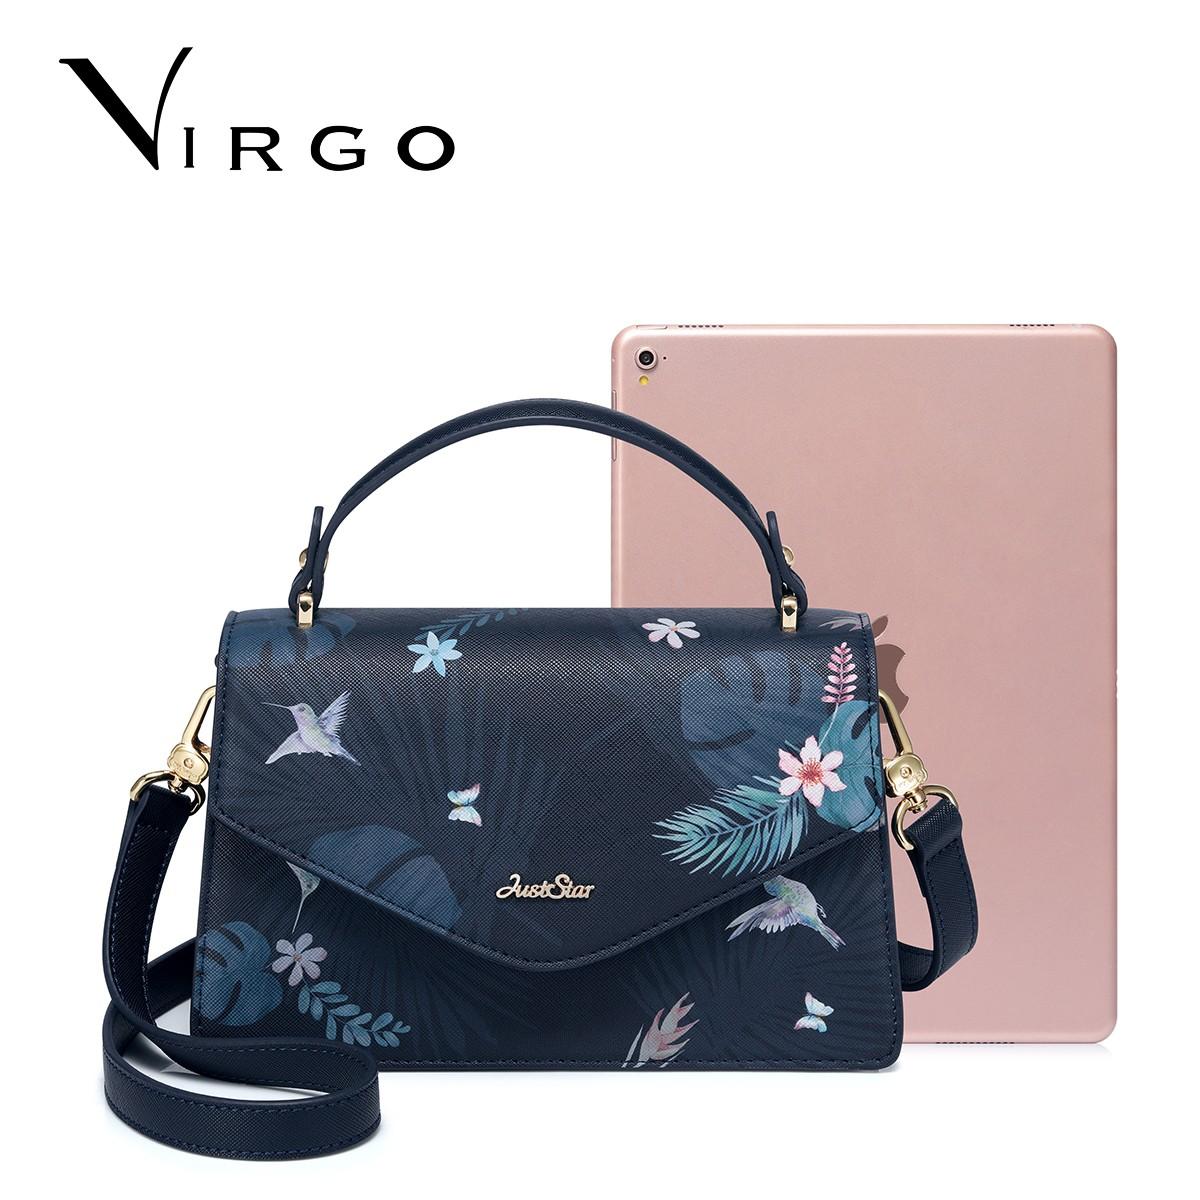 Túi xách nữ thời trang Just Star Virgo VG460